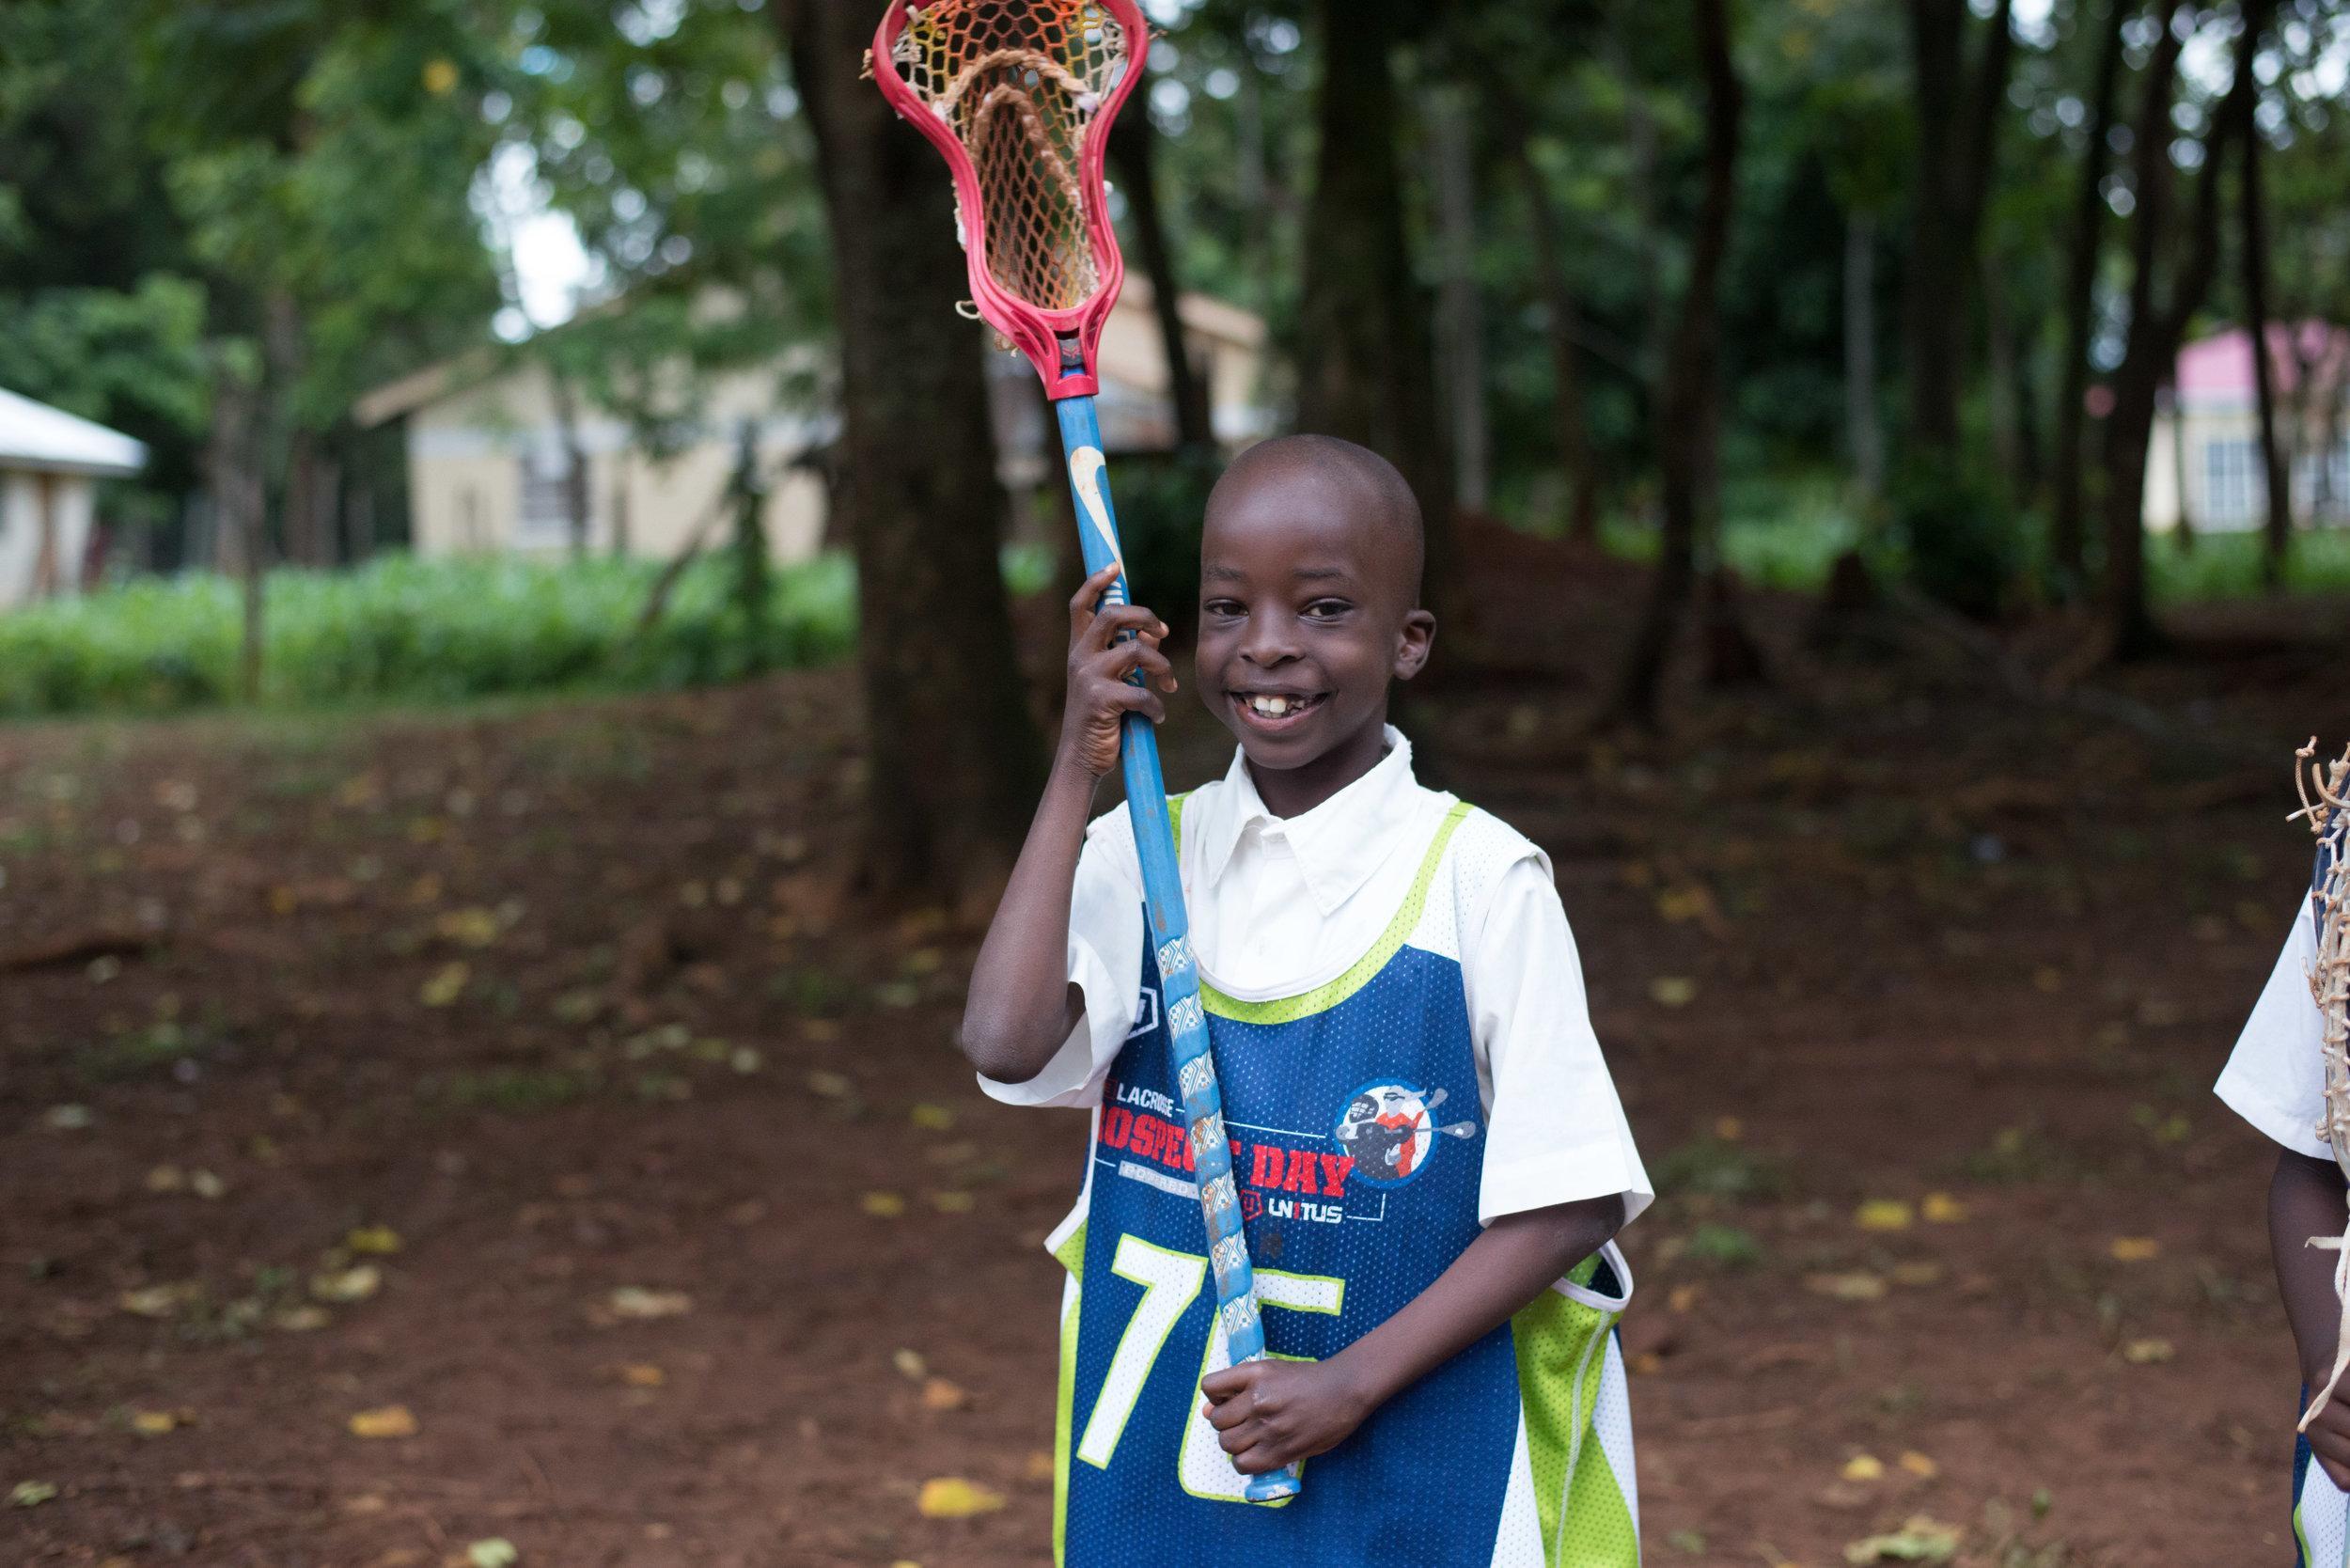 LUVLENS_KidsLacrosseTheWorld_Kenya_2016-154.jpg